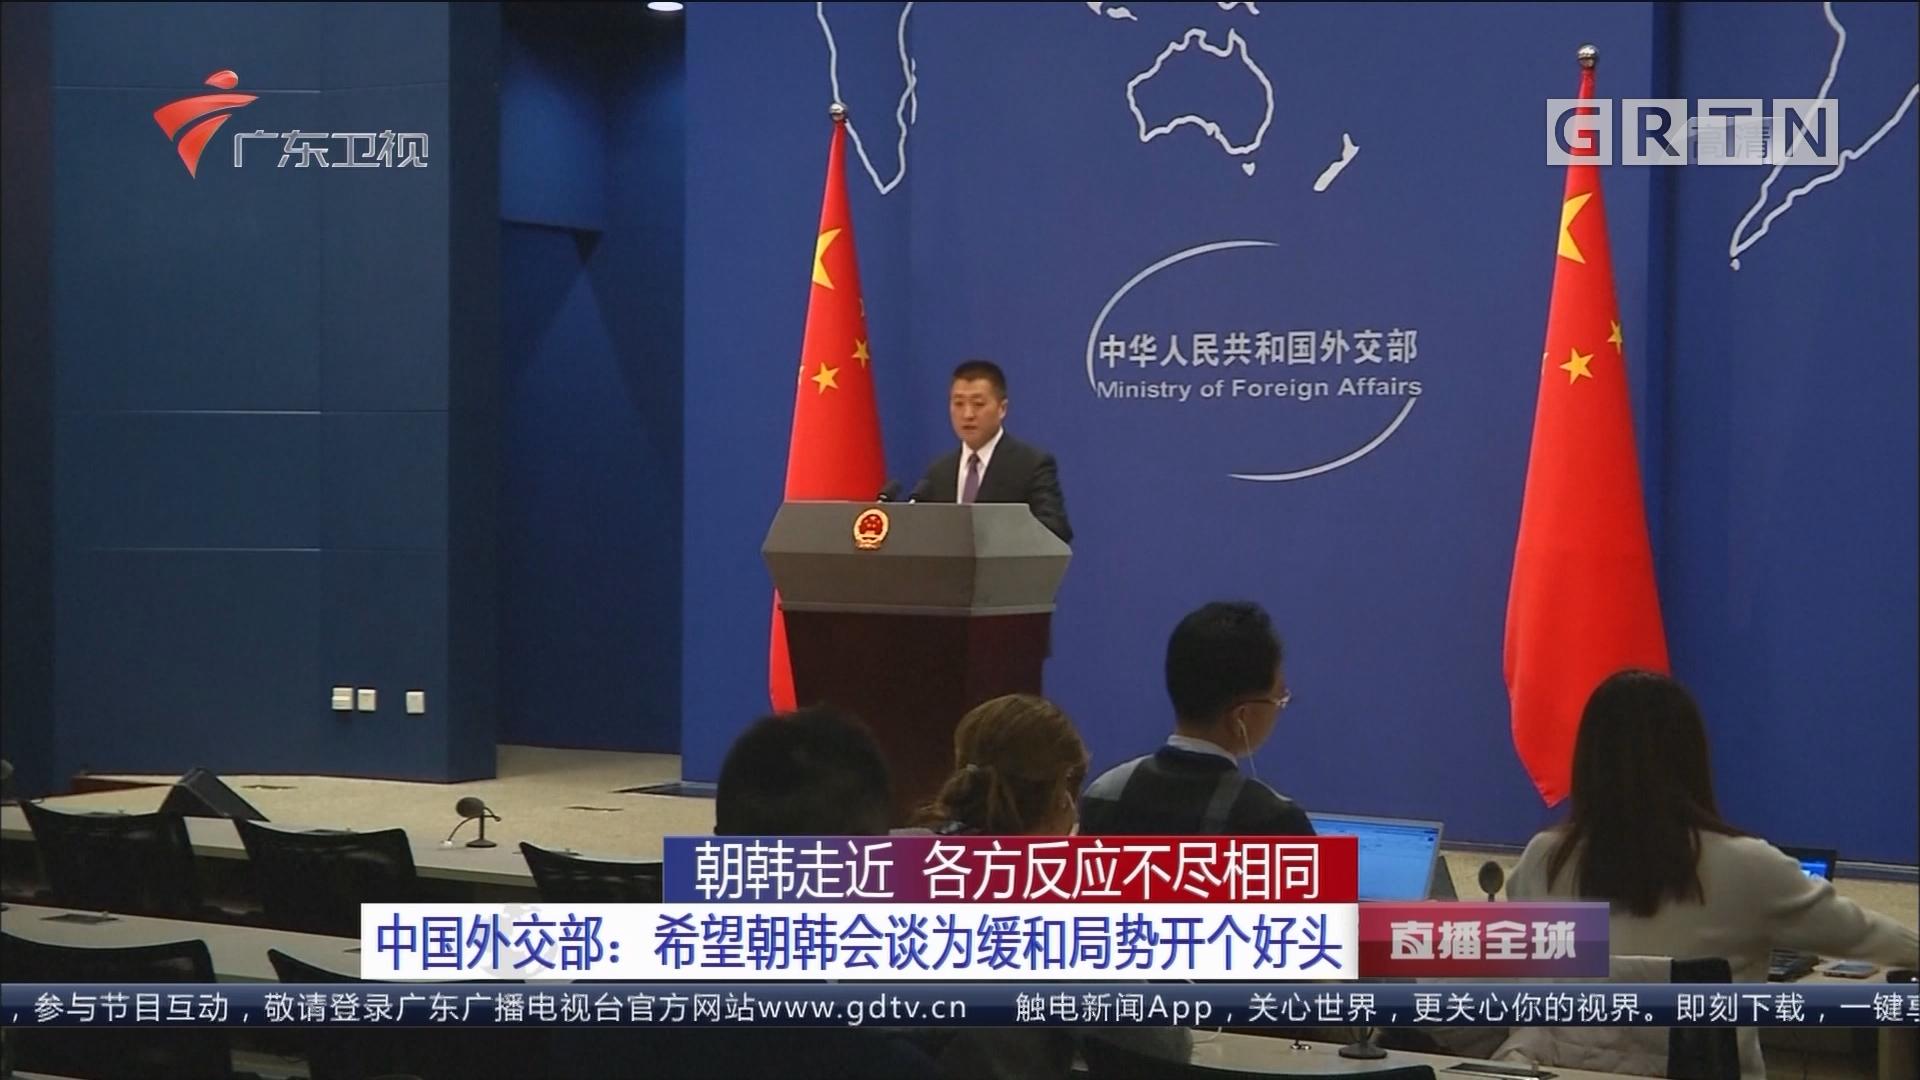 朝韩走近 各方反应不尽相同 中国外交部:希望朝韩会谈为缓和局势开个好头